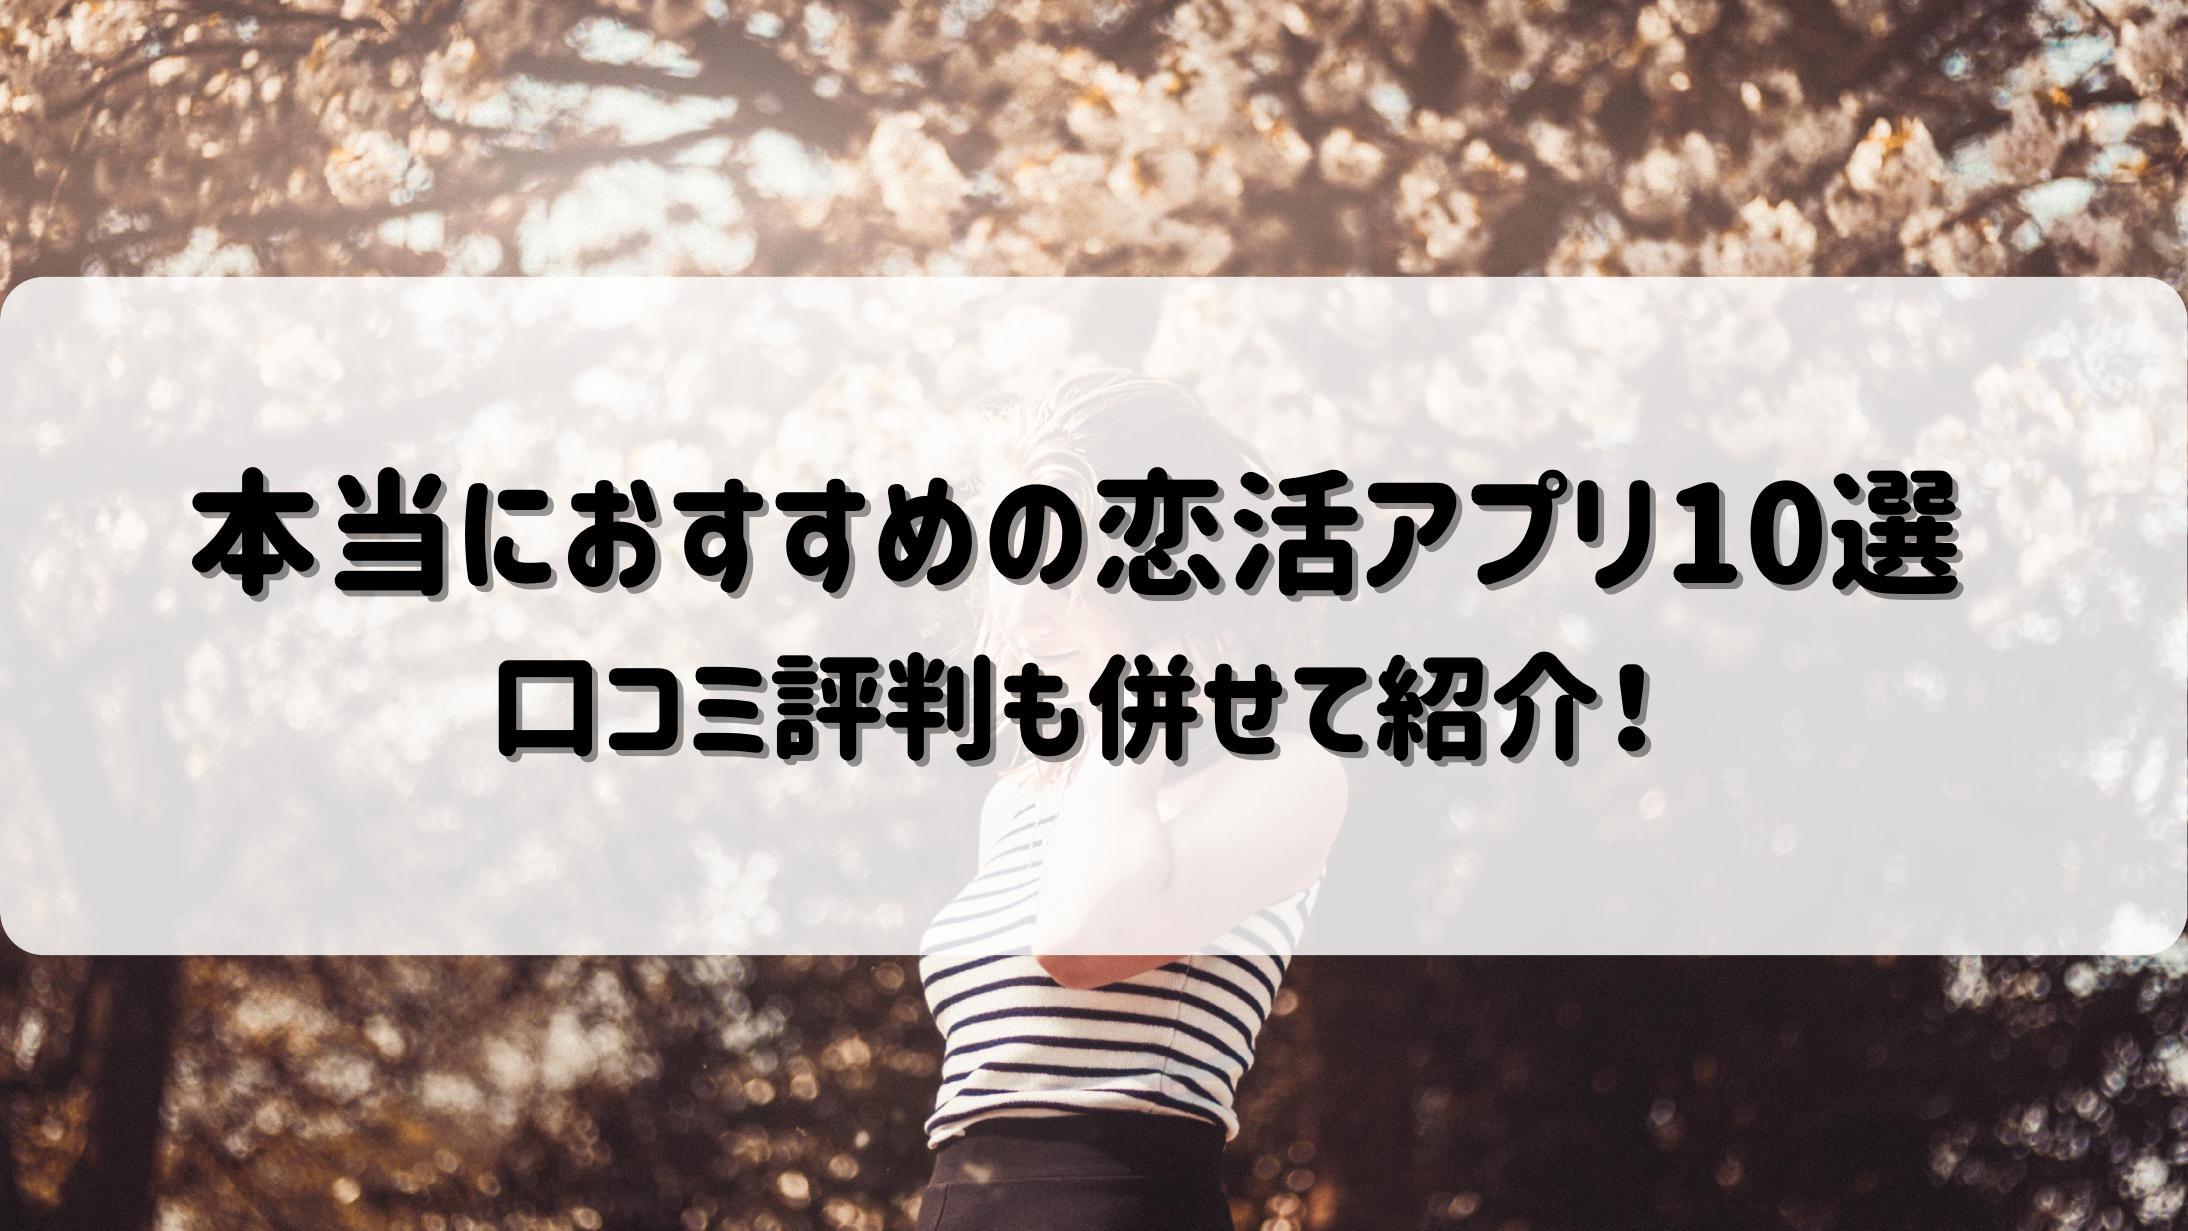 【2020年9月版】本当におすすめの恋活アプリ10選|年齢・目的別で素敵な出会いを探そう!